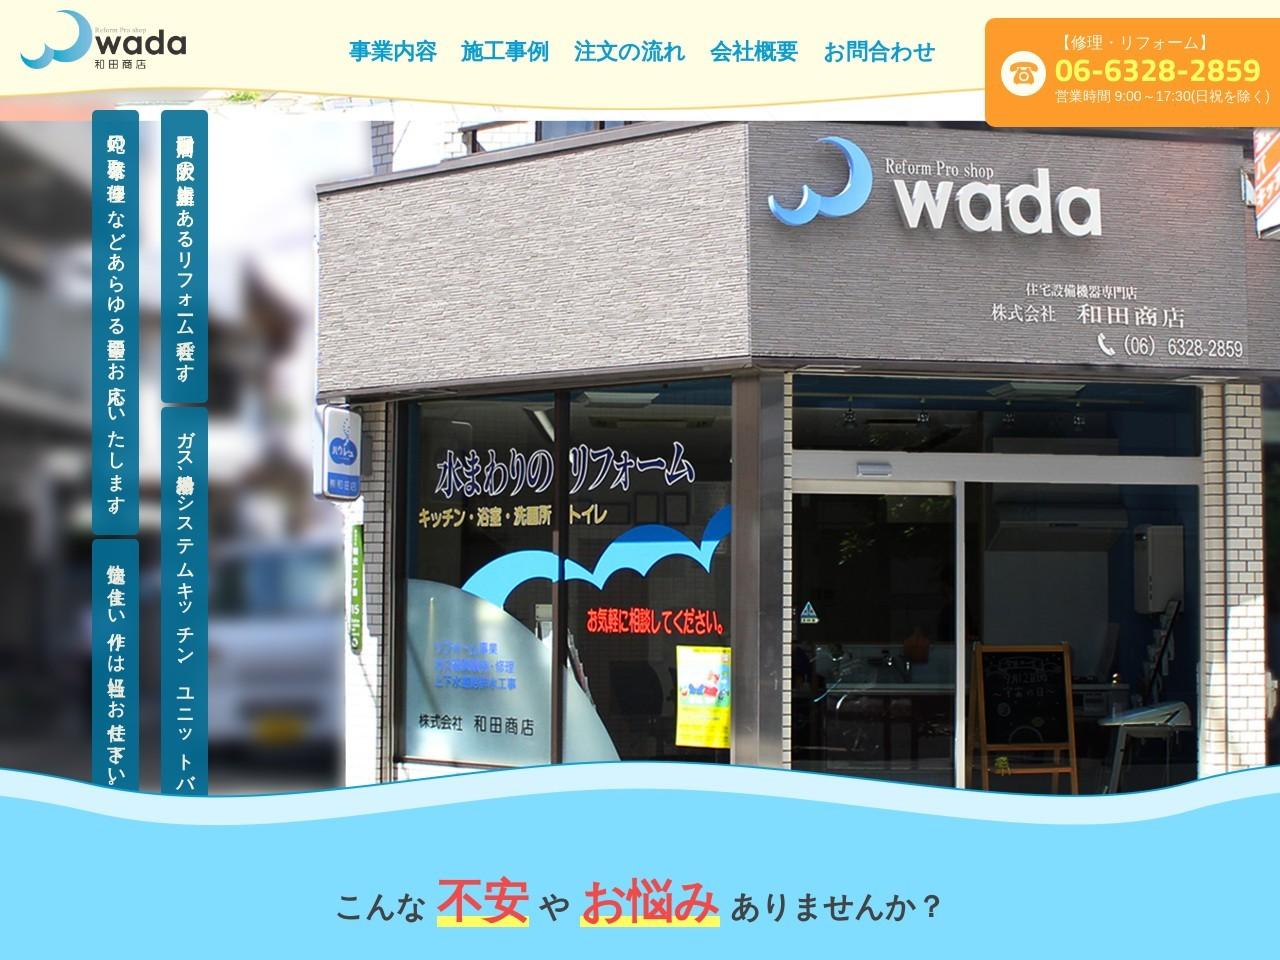 株式会社和田商店